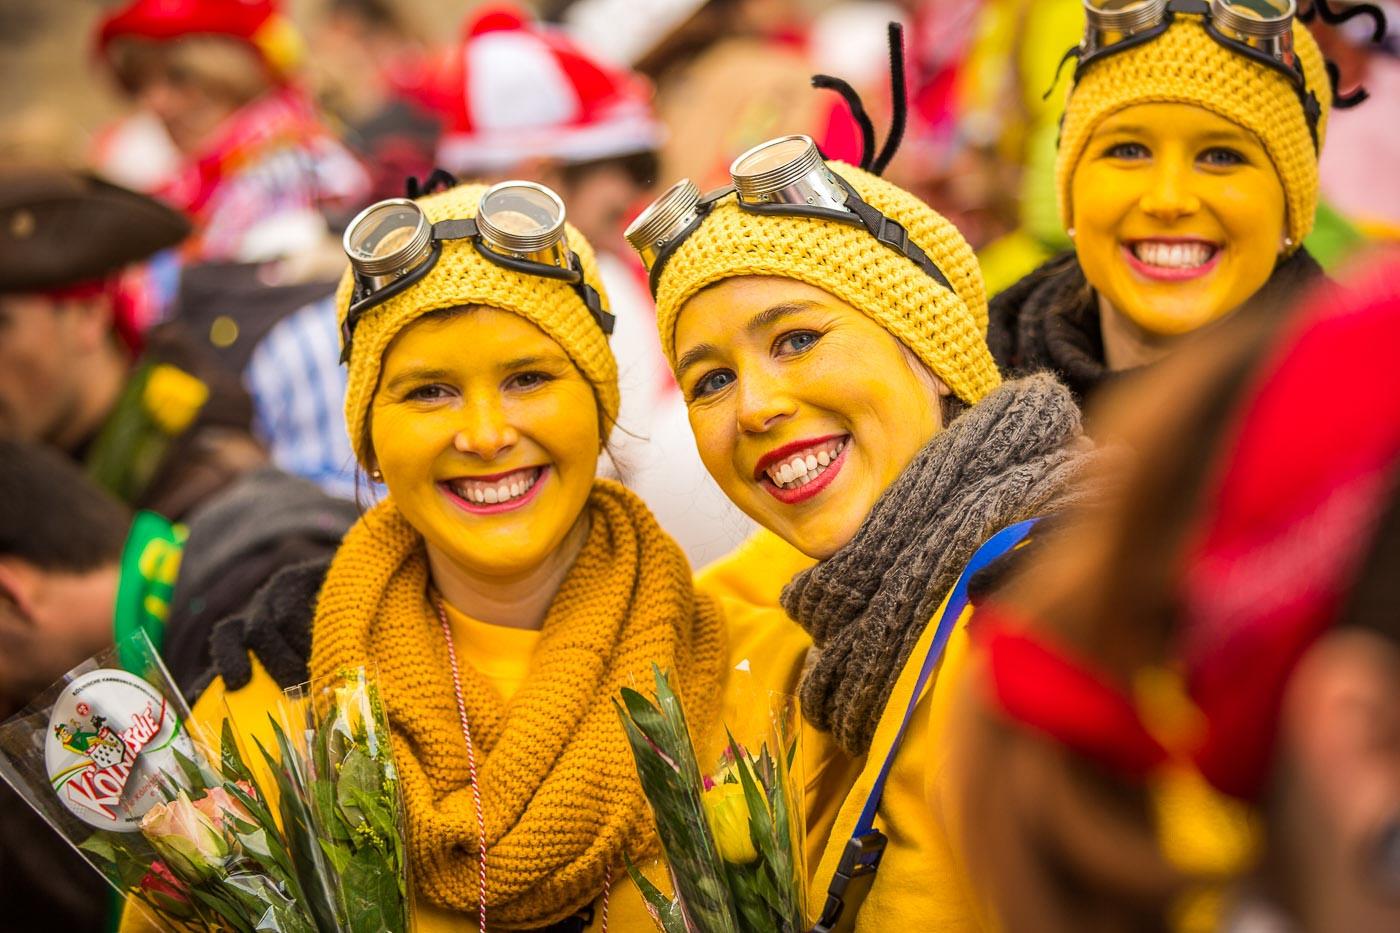 foto-festival-karneval-82